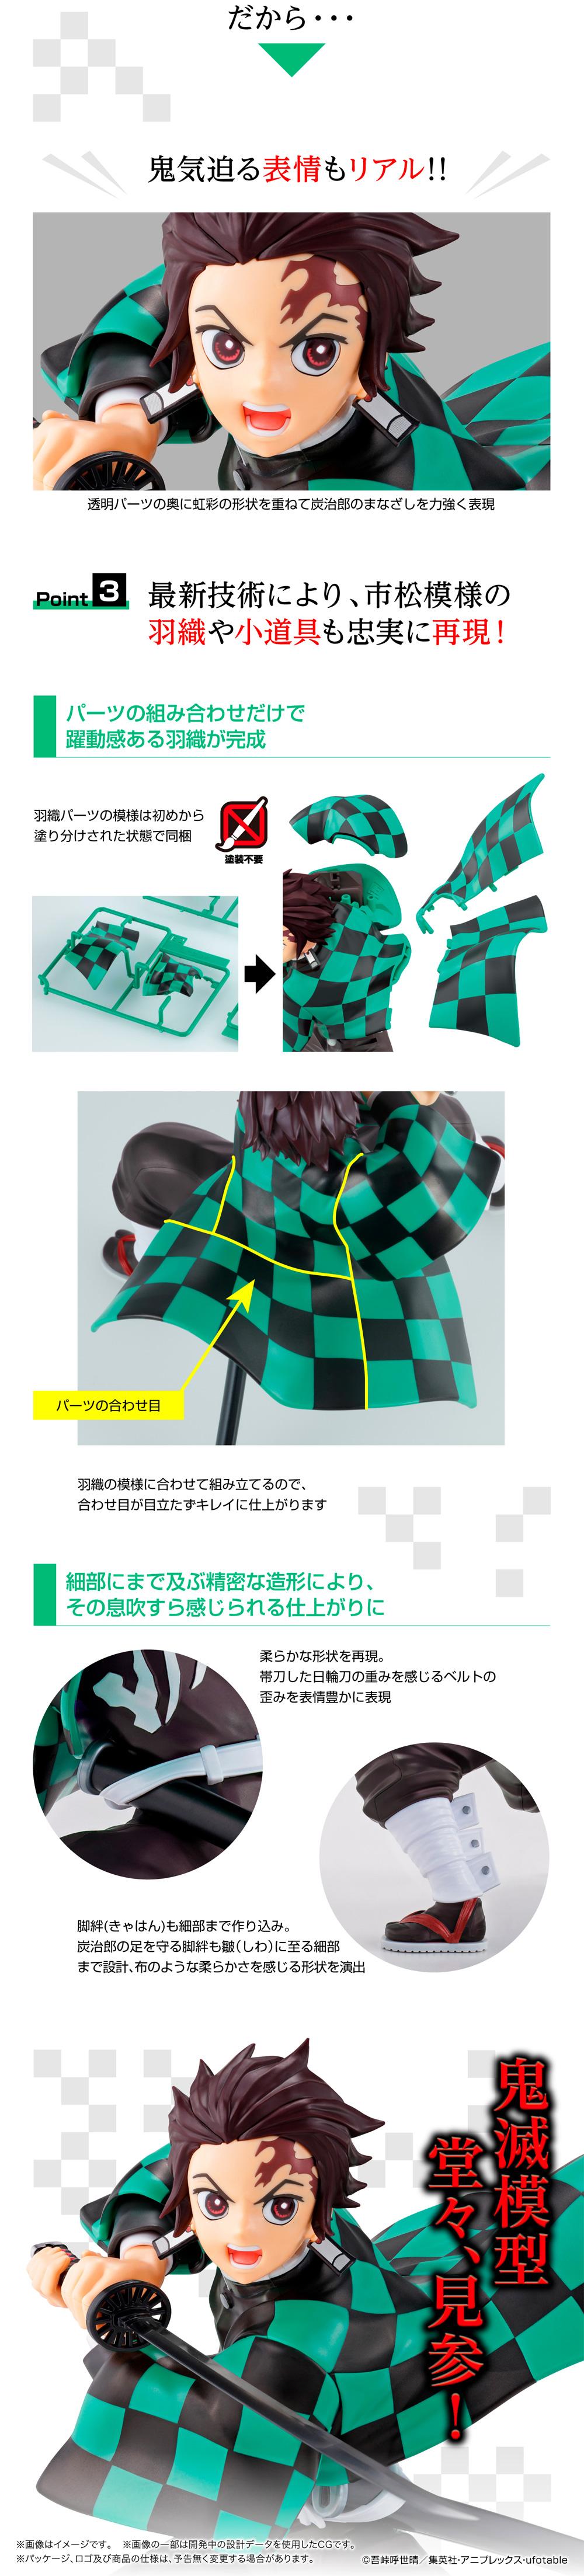 竈門炭治郎 (鬼滅の刃)プラモデル(バンダイ鬼滅模型No.5060924)商品画像_3